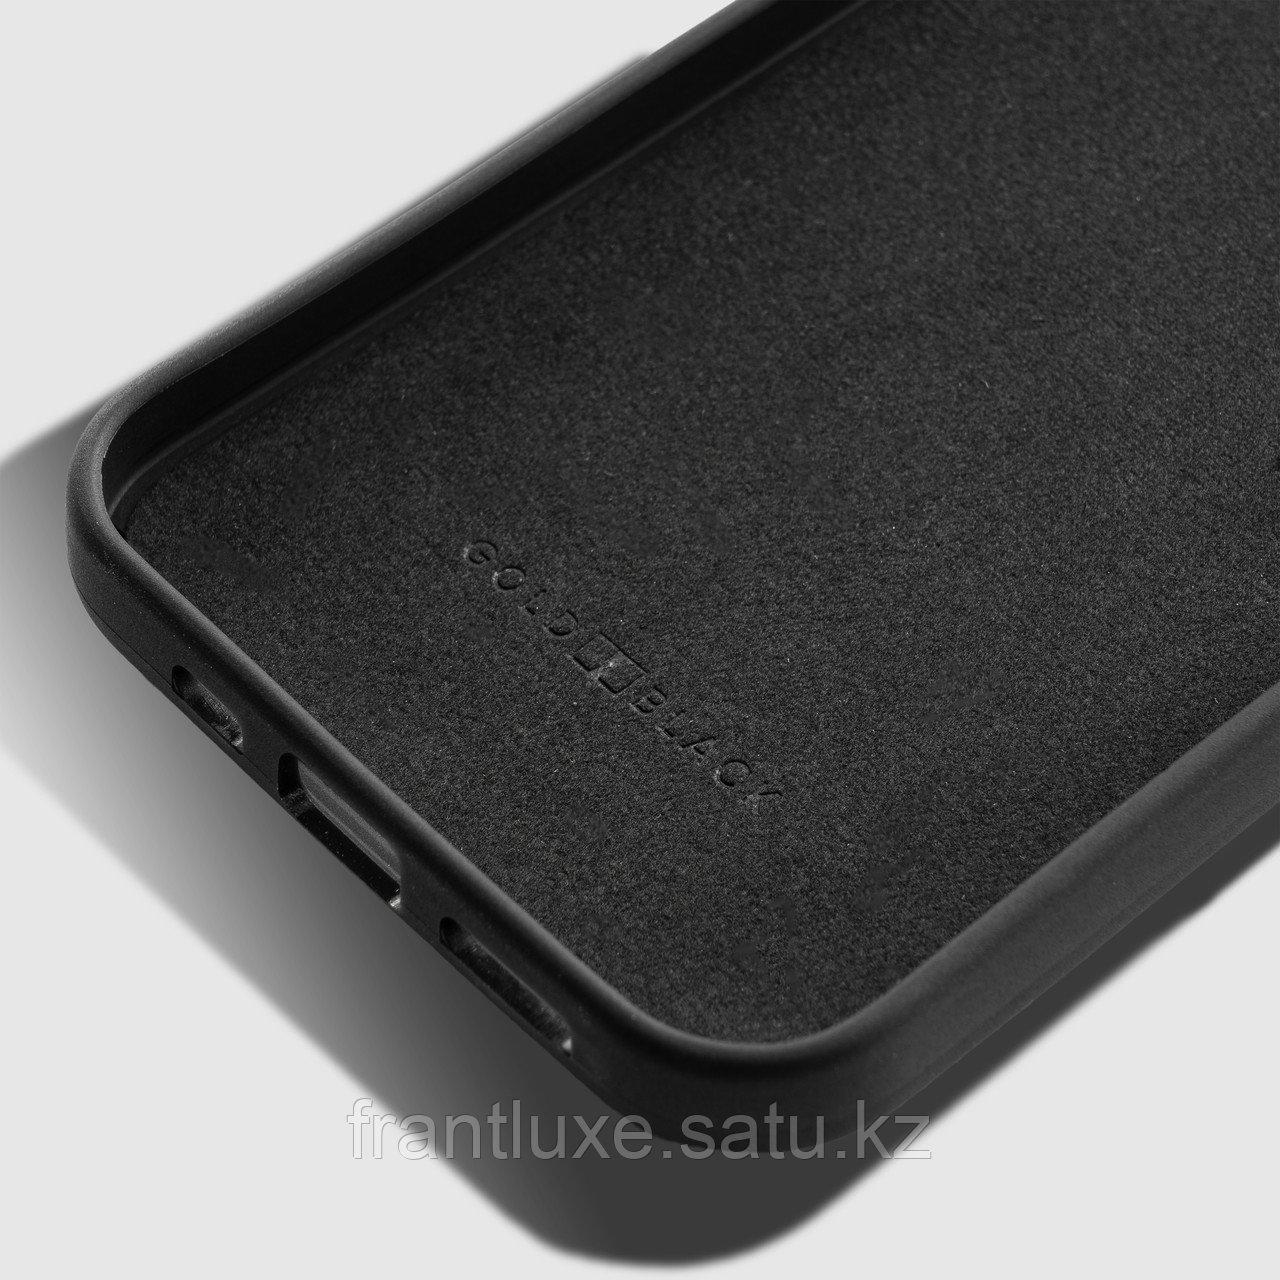 Чехол для телефона iPhone 12/12 Pro питон натуральный - фото 3